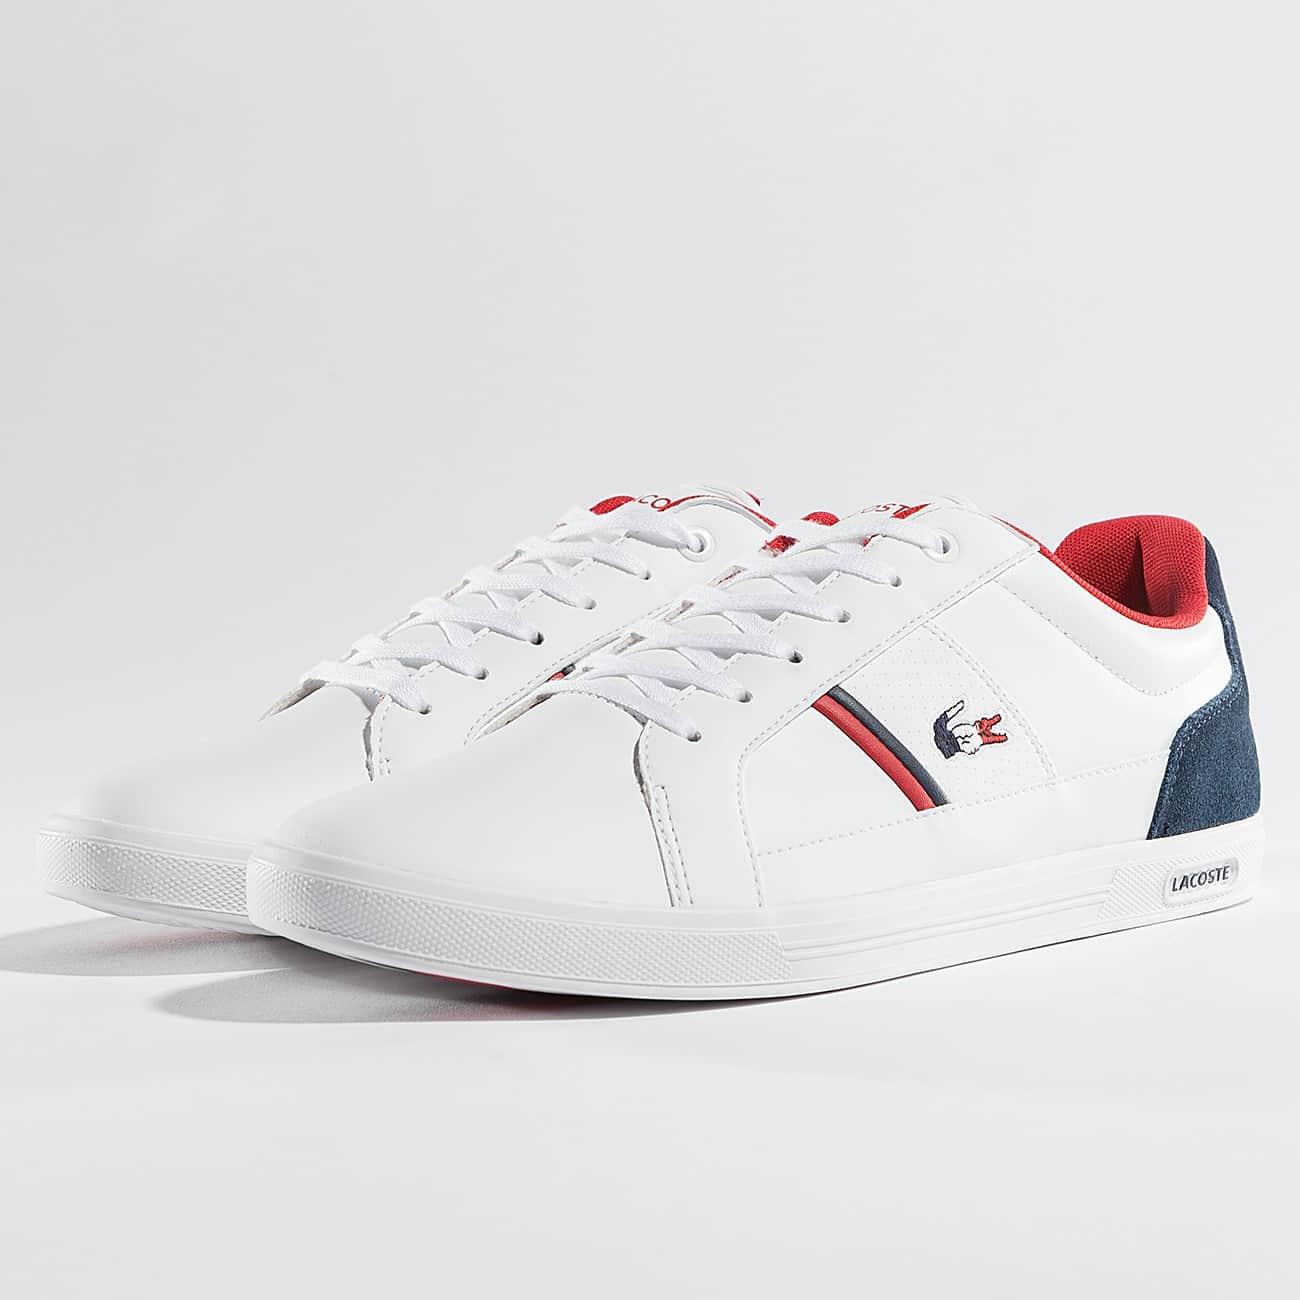 44de729142 chaussure rouge blanc lacoste bleu chaussure lacoste vwx0Cqx